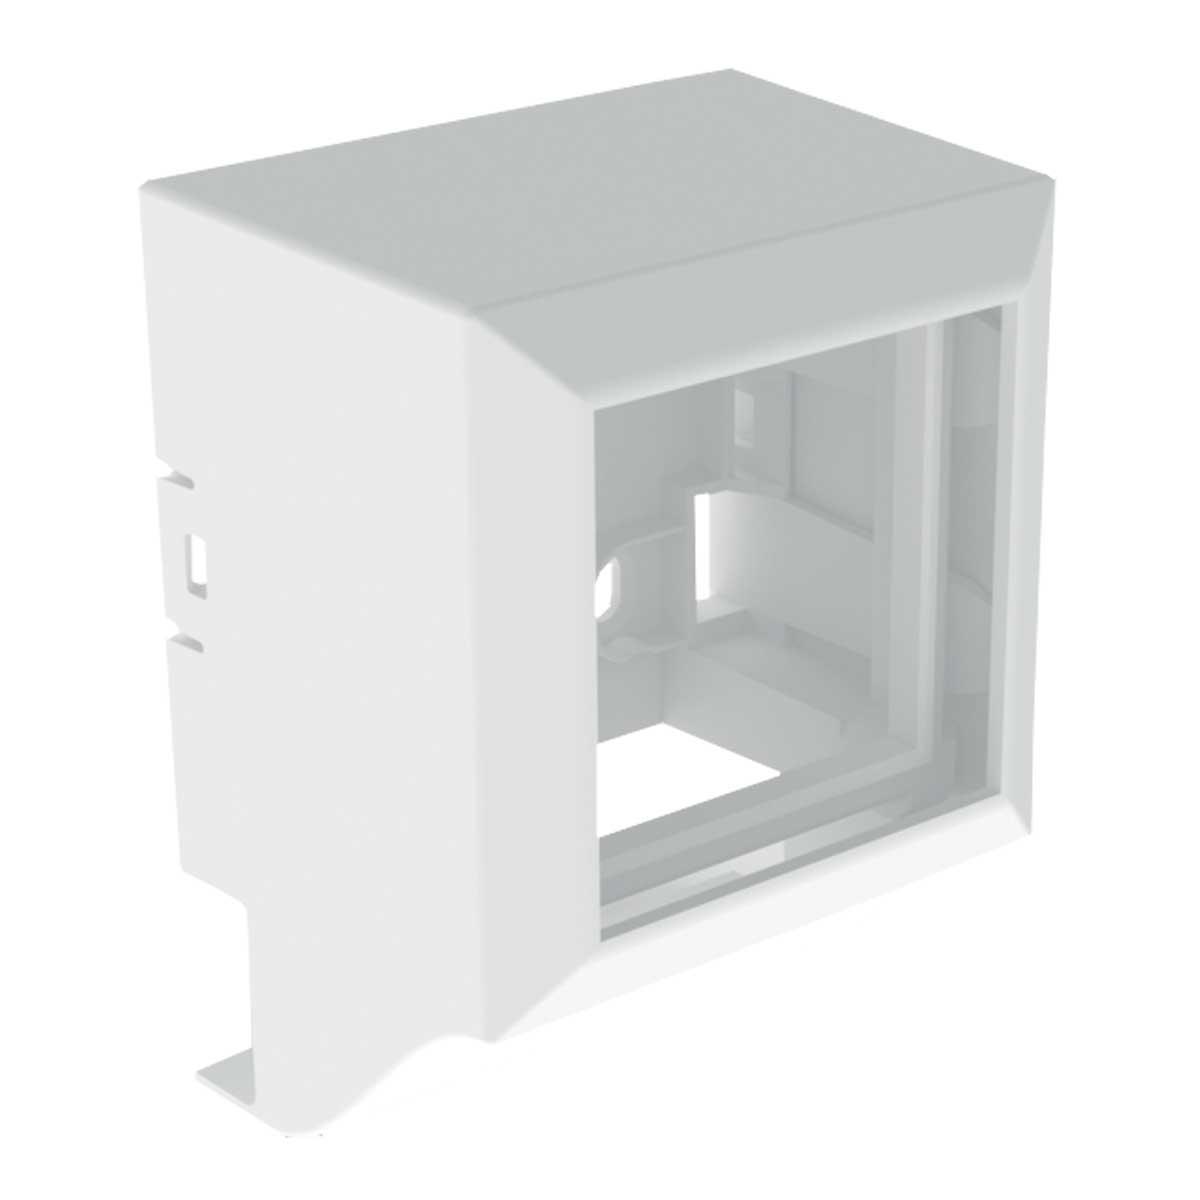 Приладовий носій для модульних пристроїв до кабельних каналів LP 35